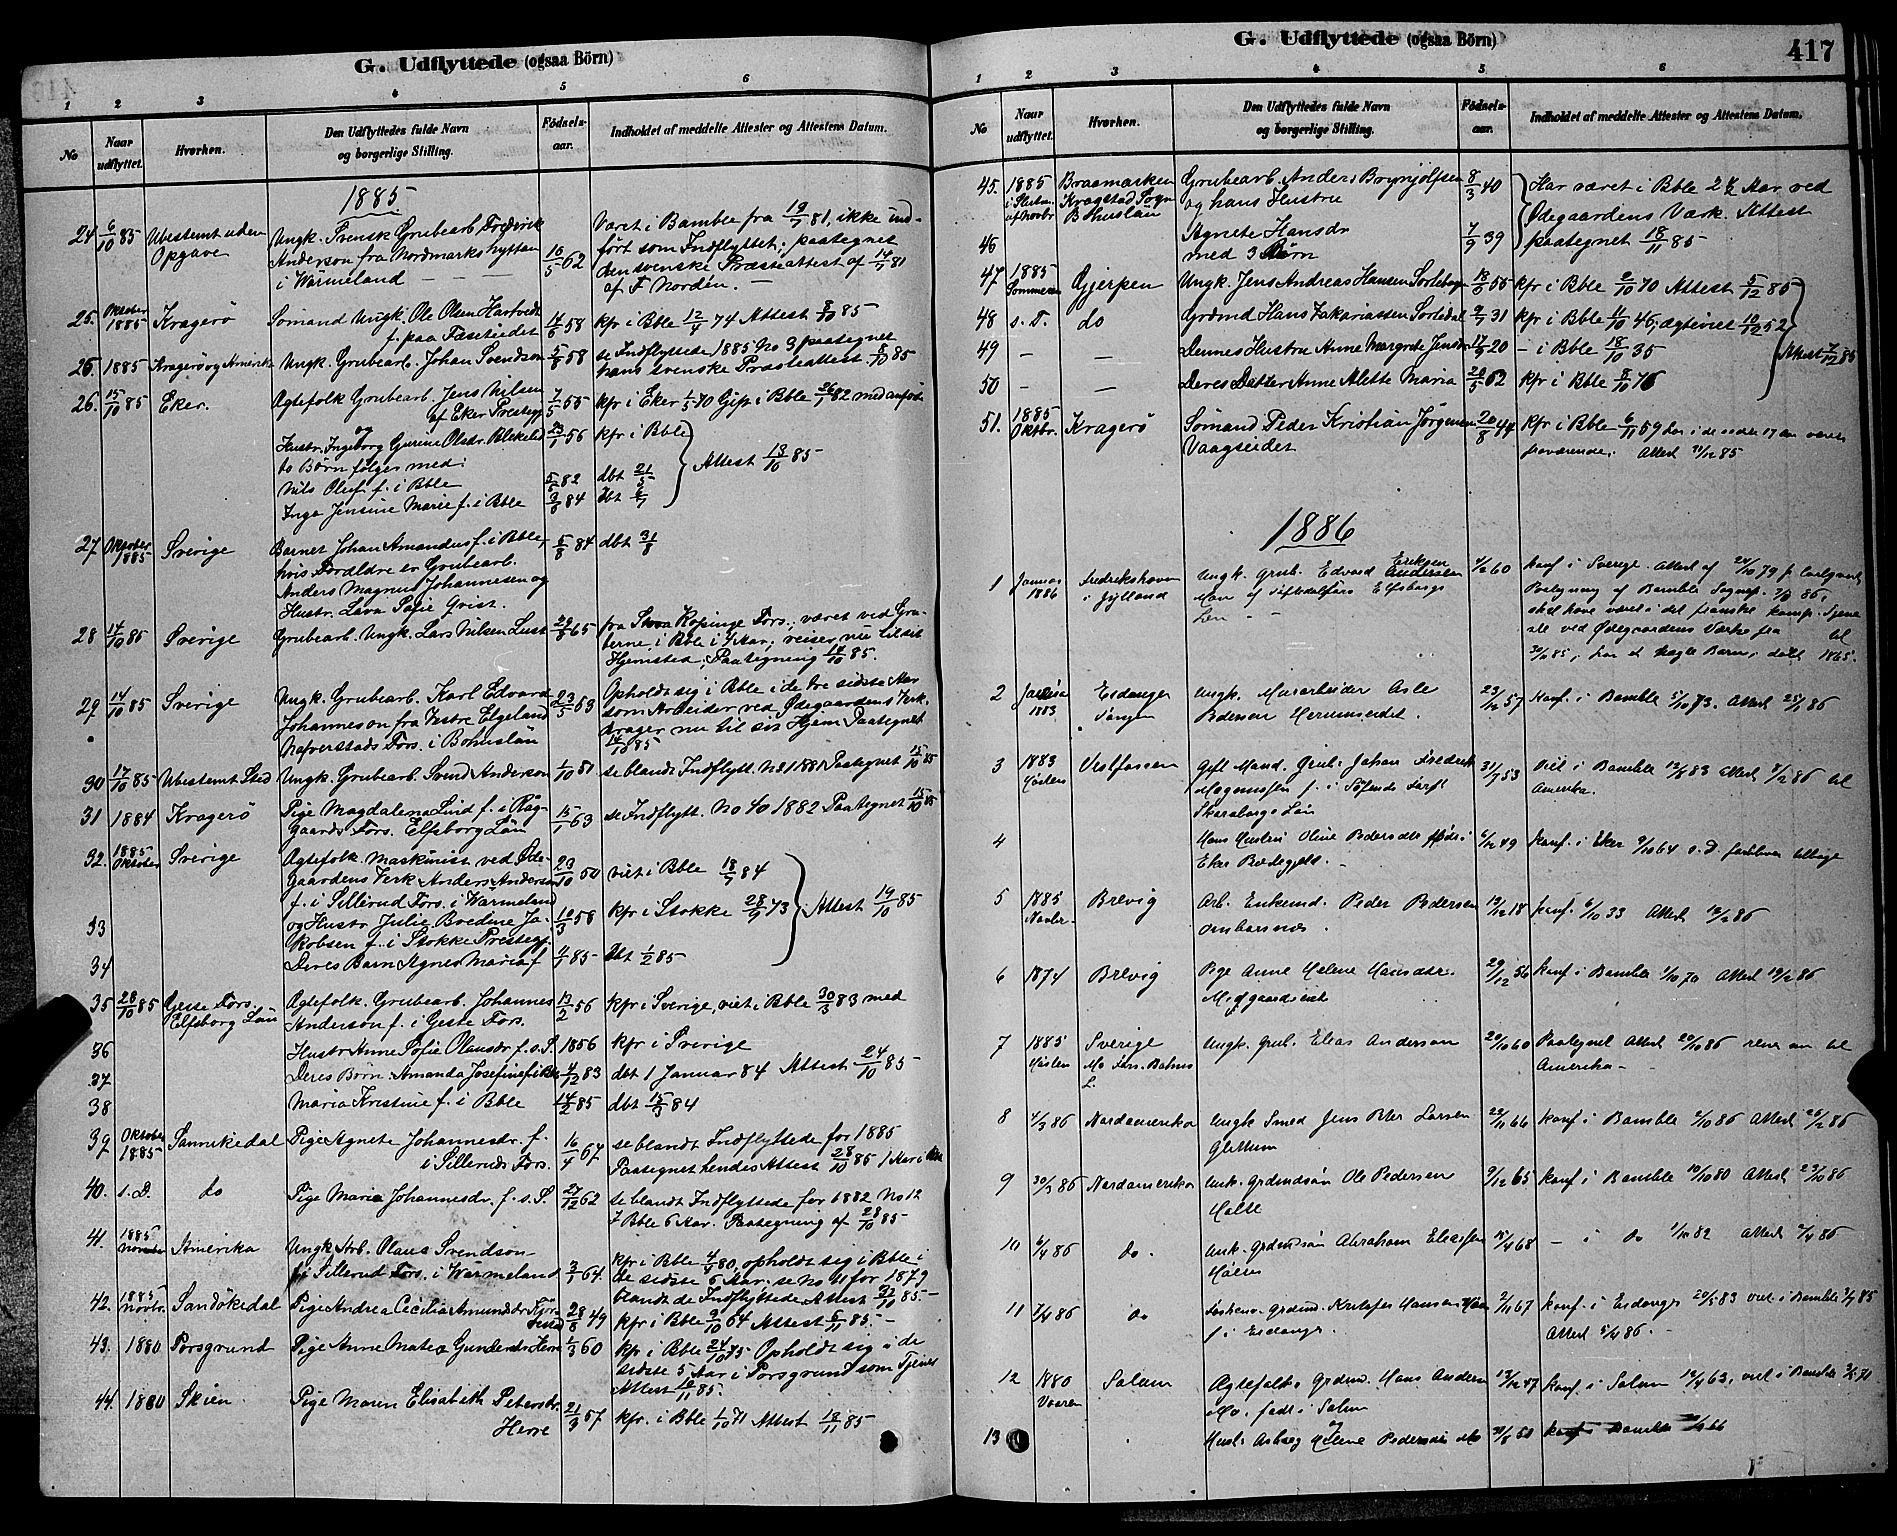 SAKO, Bamble kirkebøker, G/Ga/L0008: Klokkerbok nr. I 8, 1878-1888, s. 417